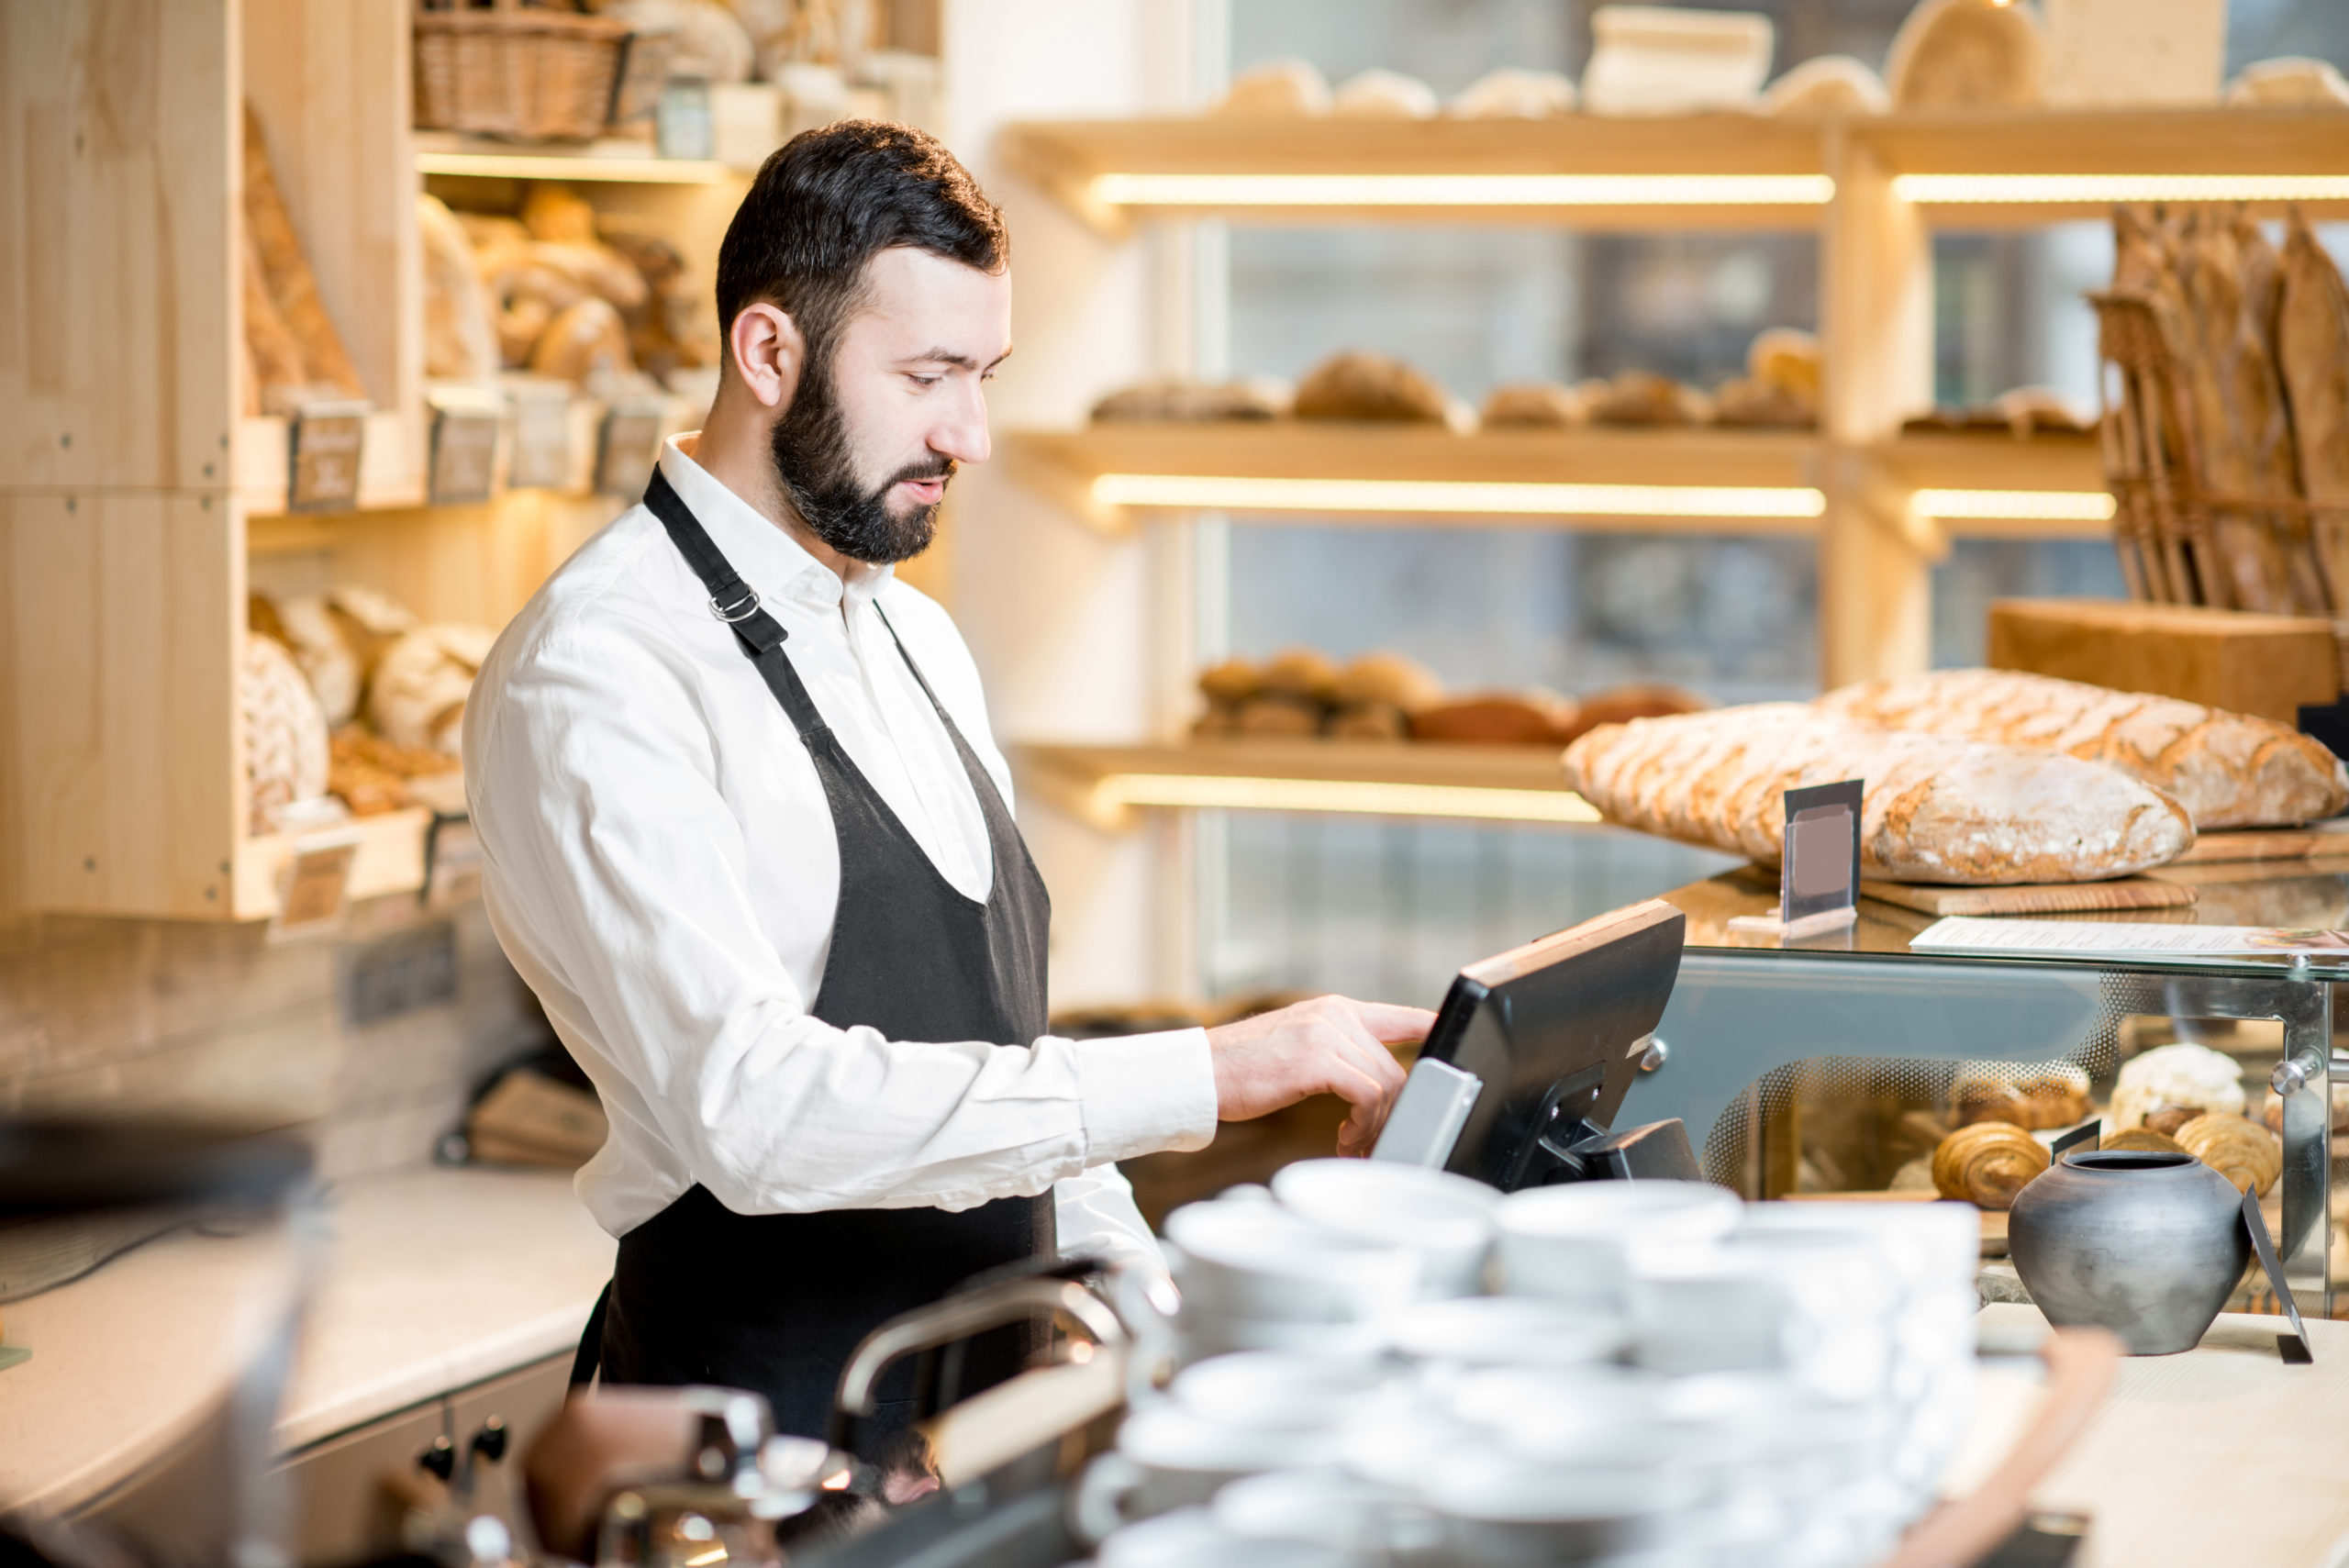 Imagefoto Bäcker und elektronische Kasse